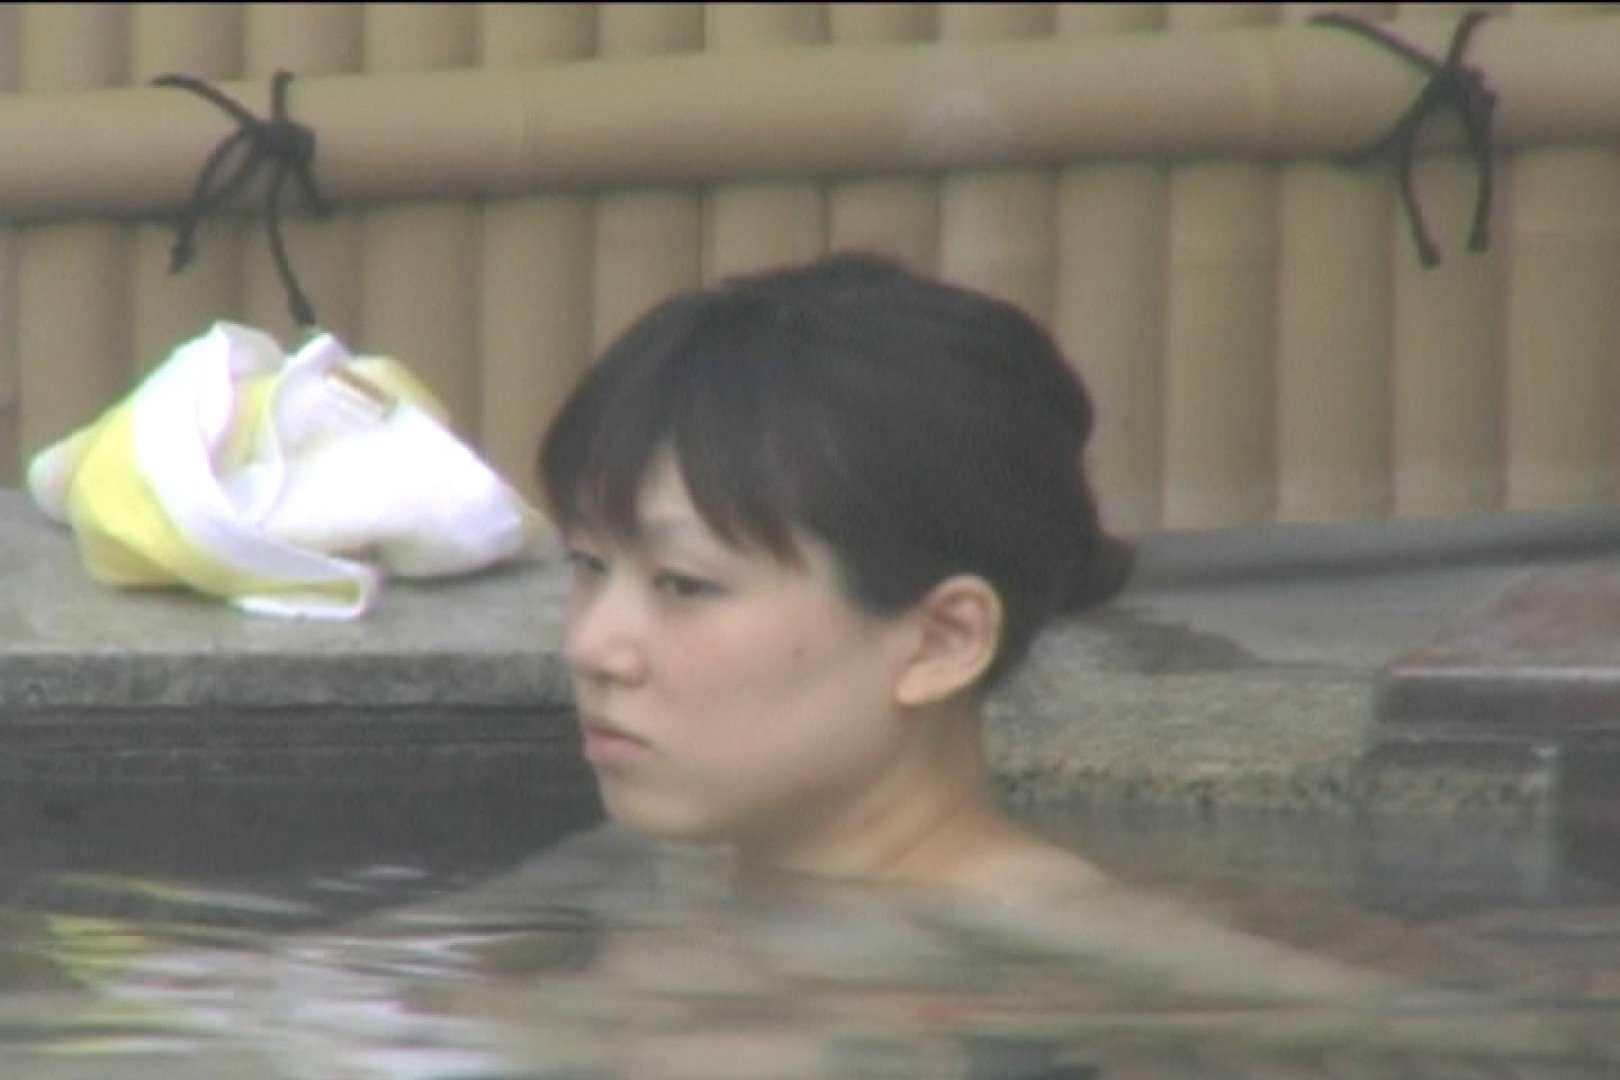 Aquaな露天風呂Vol.121 美しいOLの裸体  105pic 33